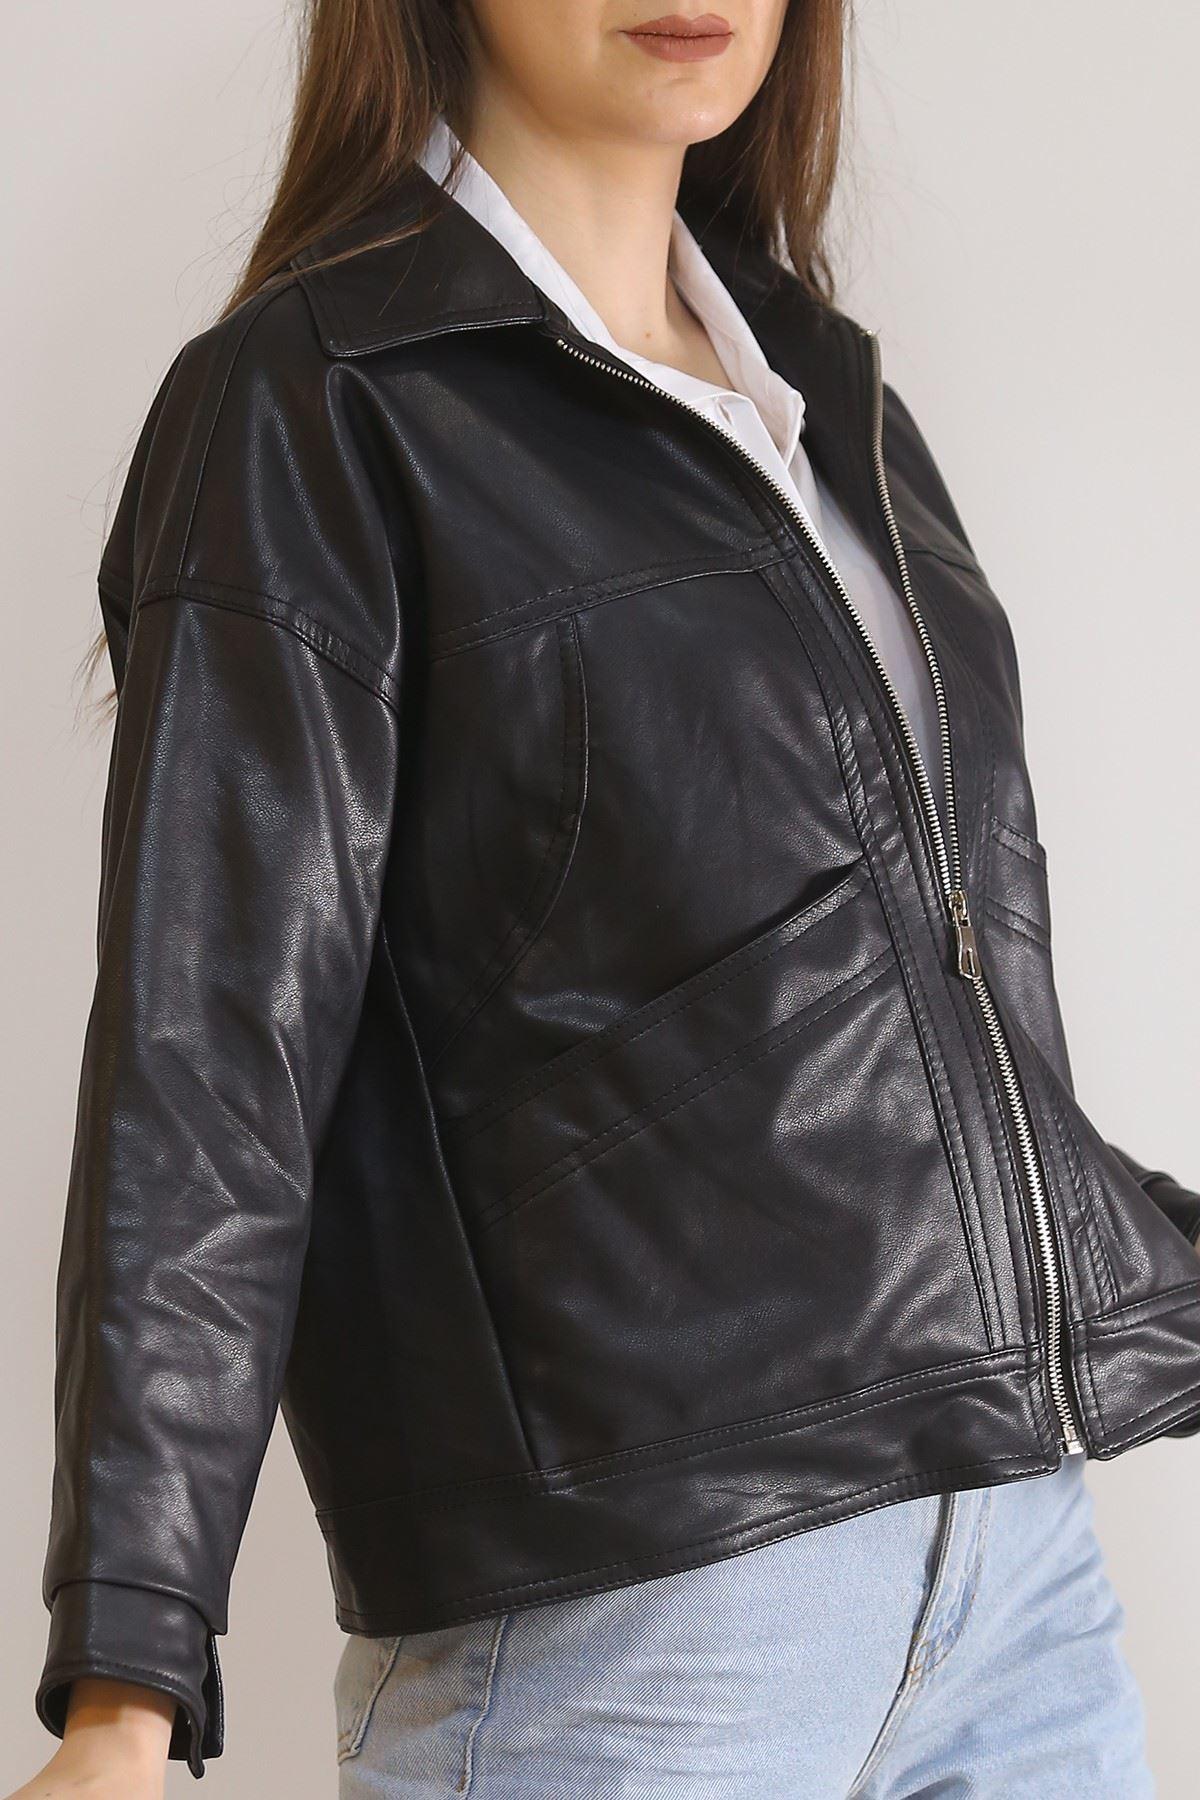 Freesize Deri Ceket Siyah - 5933.146.